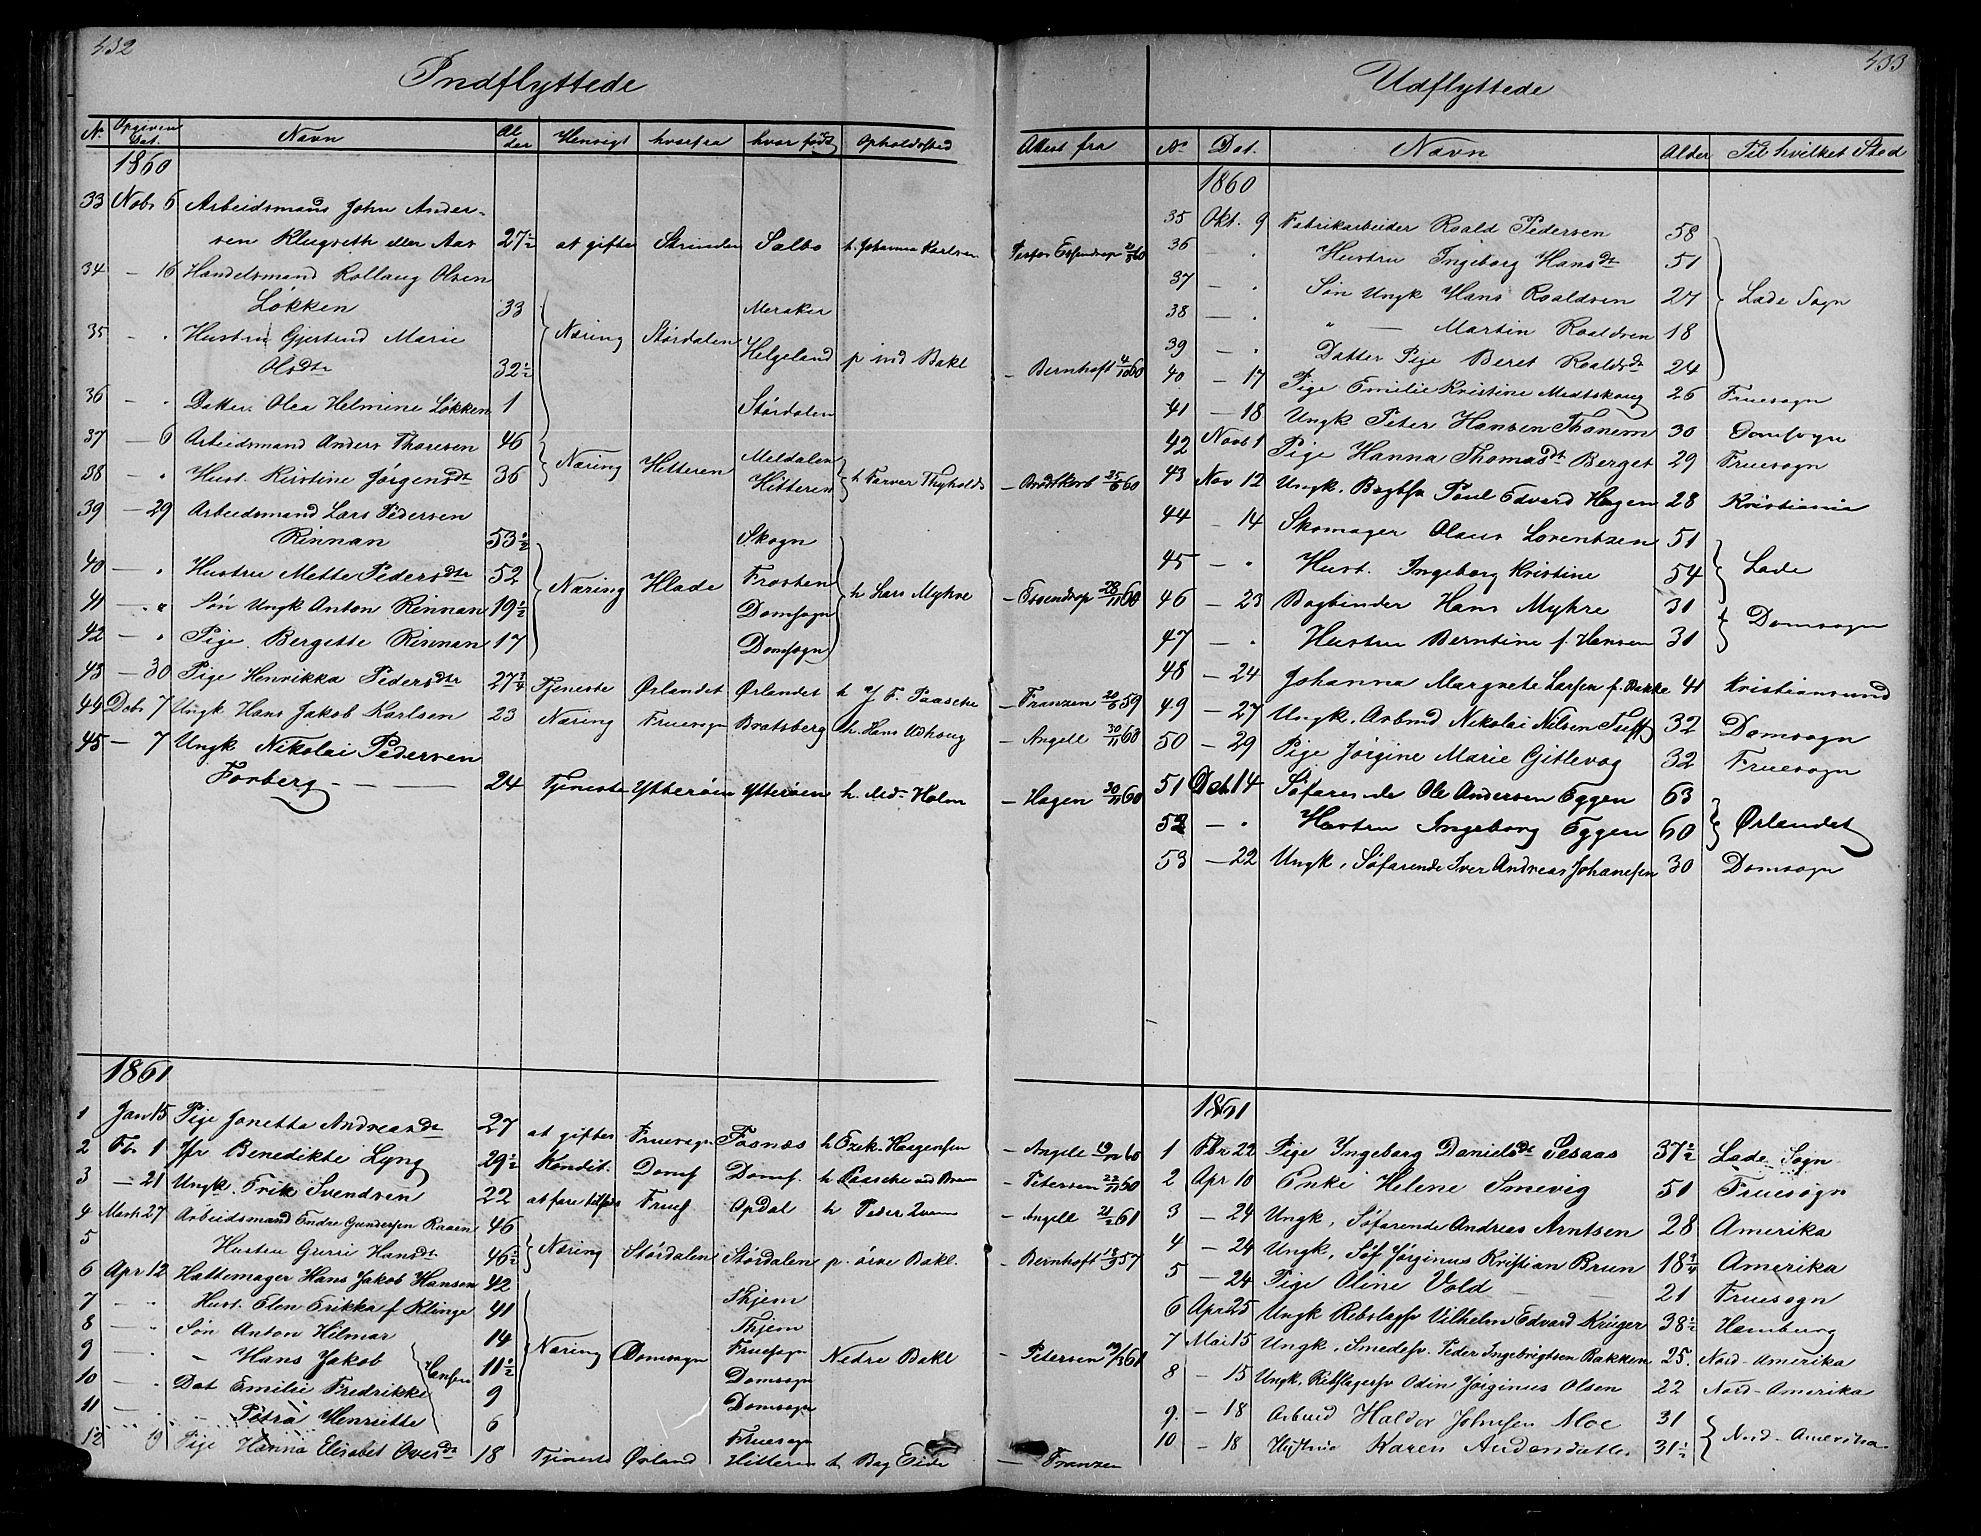 SAT, Ministerialprotokoller, klokkerbøker og fødselsregistre - Sør-Trøndelag, 604/L0219: Klokkerbok nr. 604C02, 1851-1869, s. 432-433